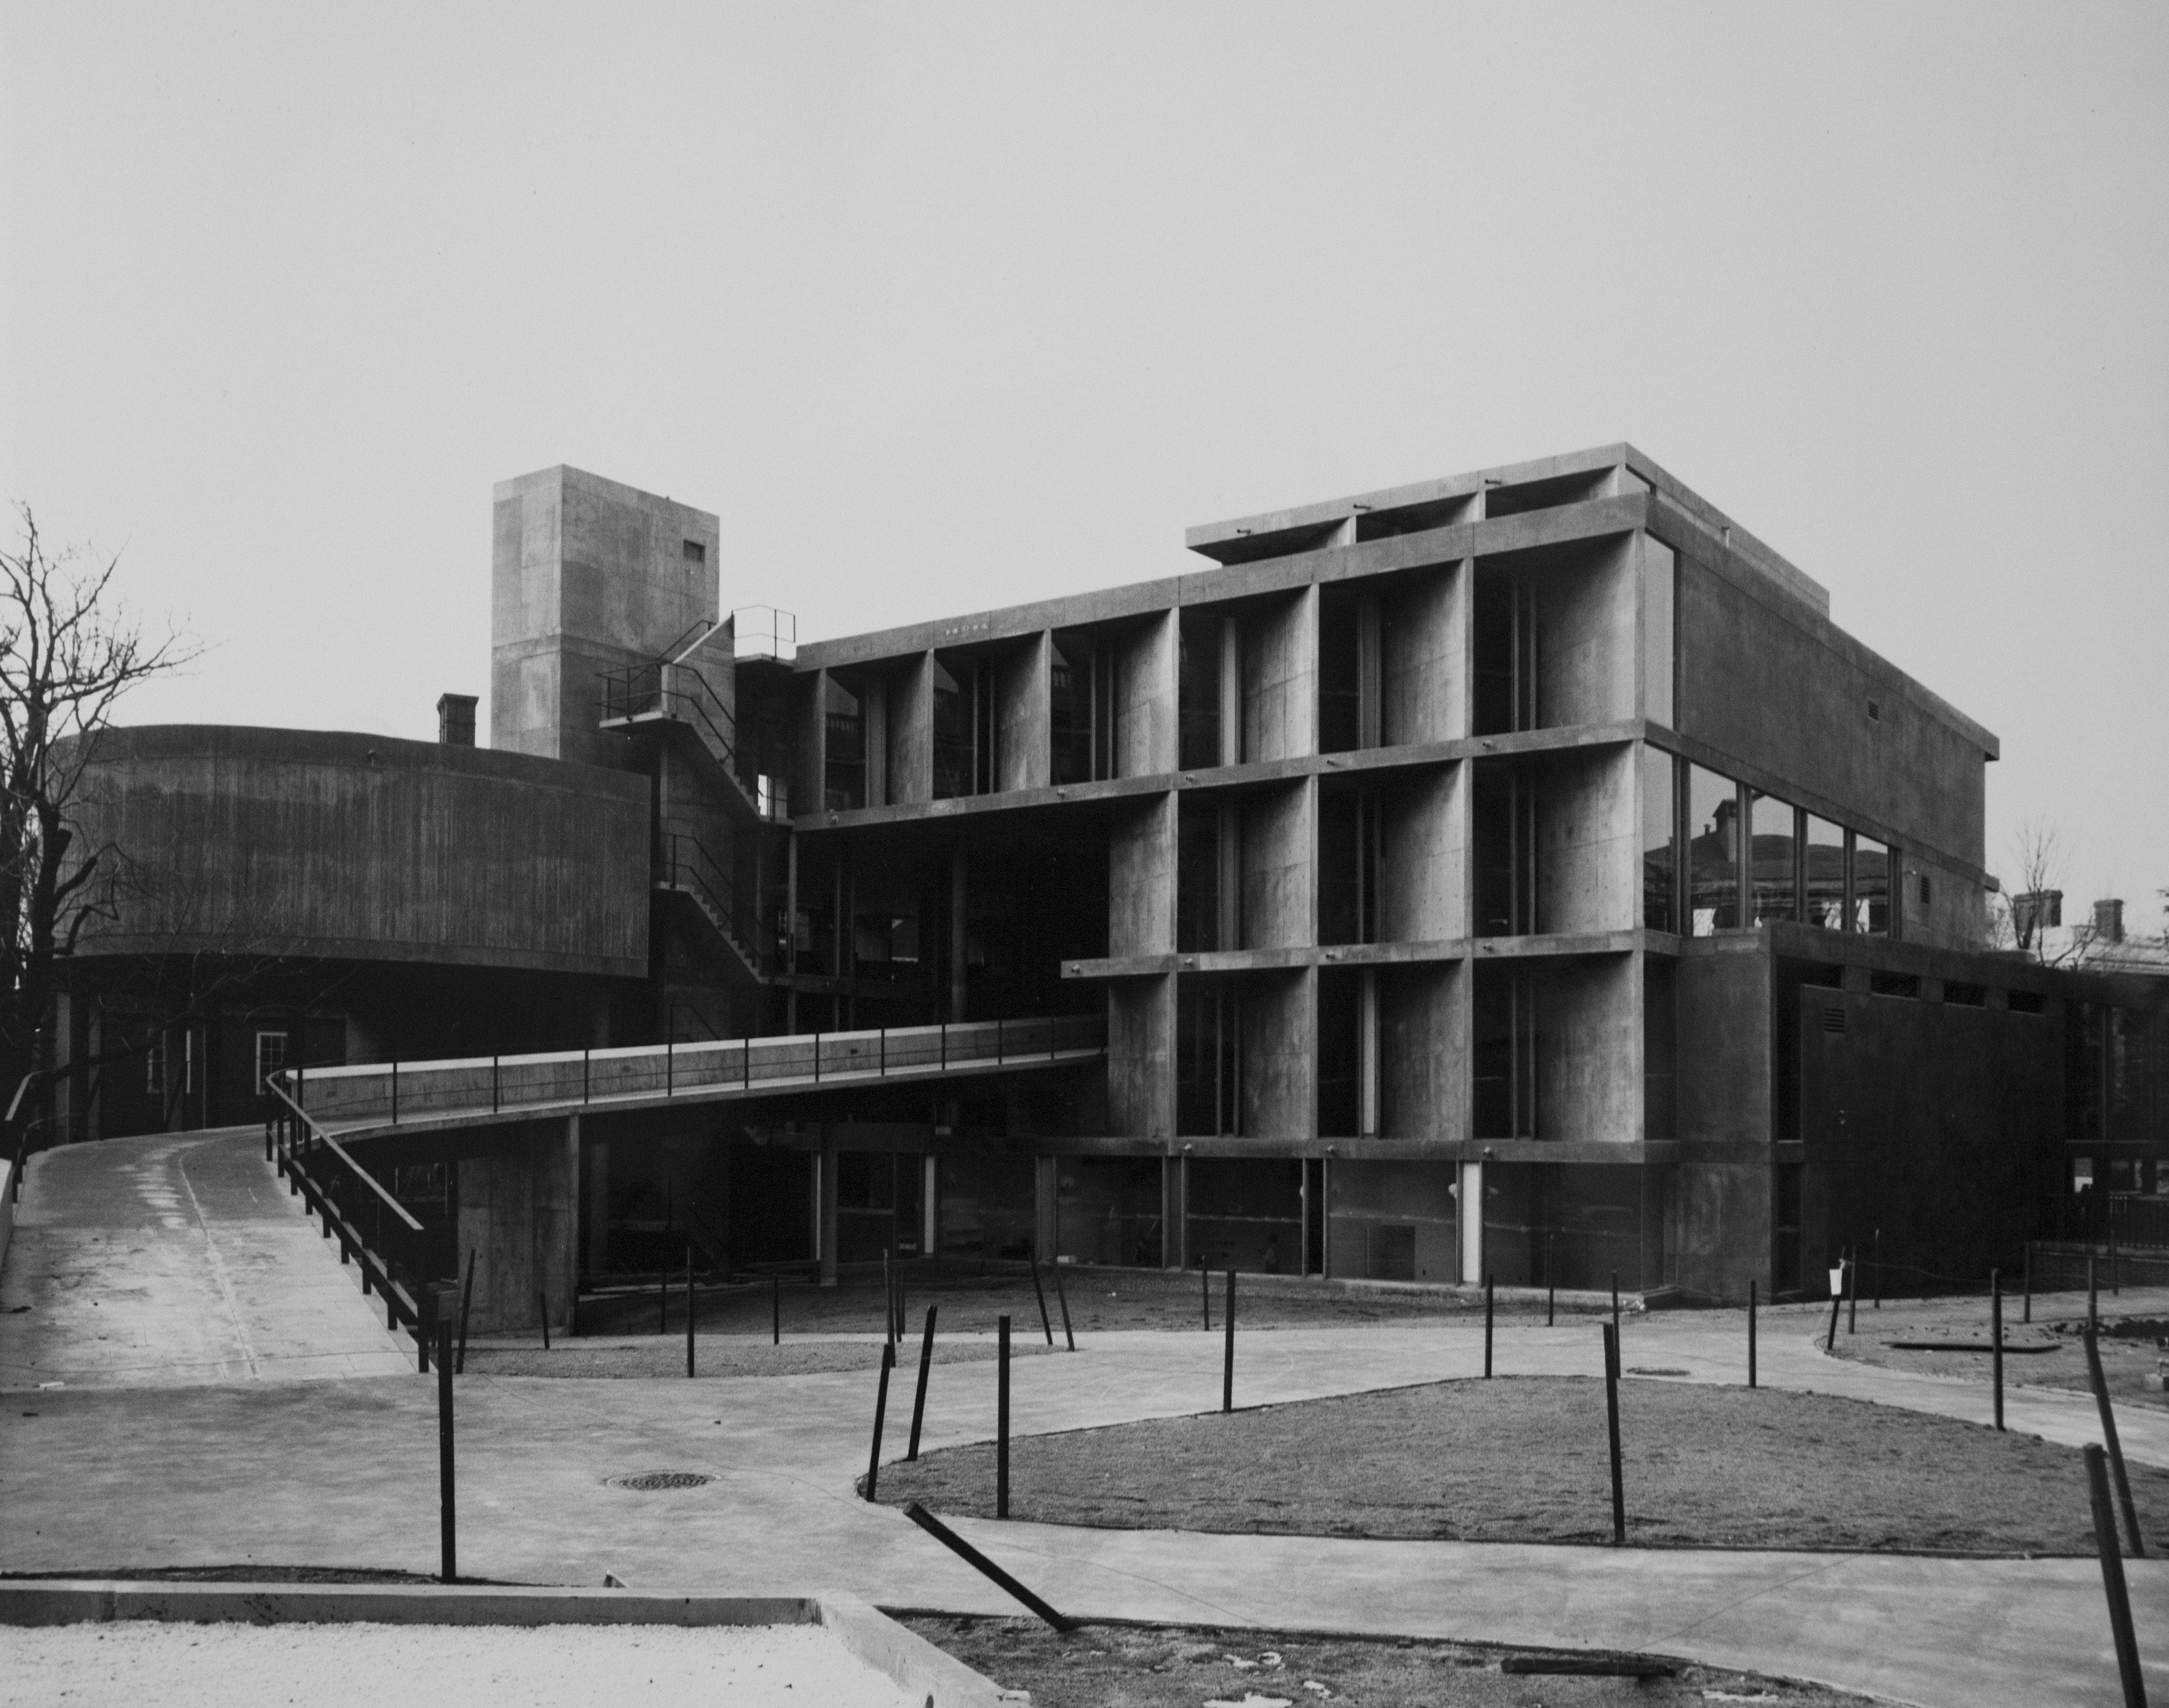 Carpenter center le corbusier arquitectura y urbanismo for Arquitectura harvard